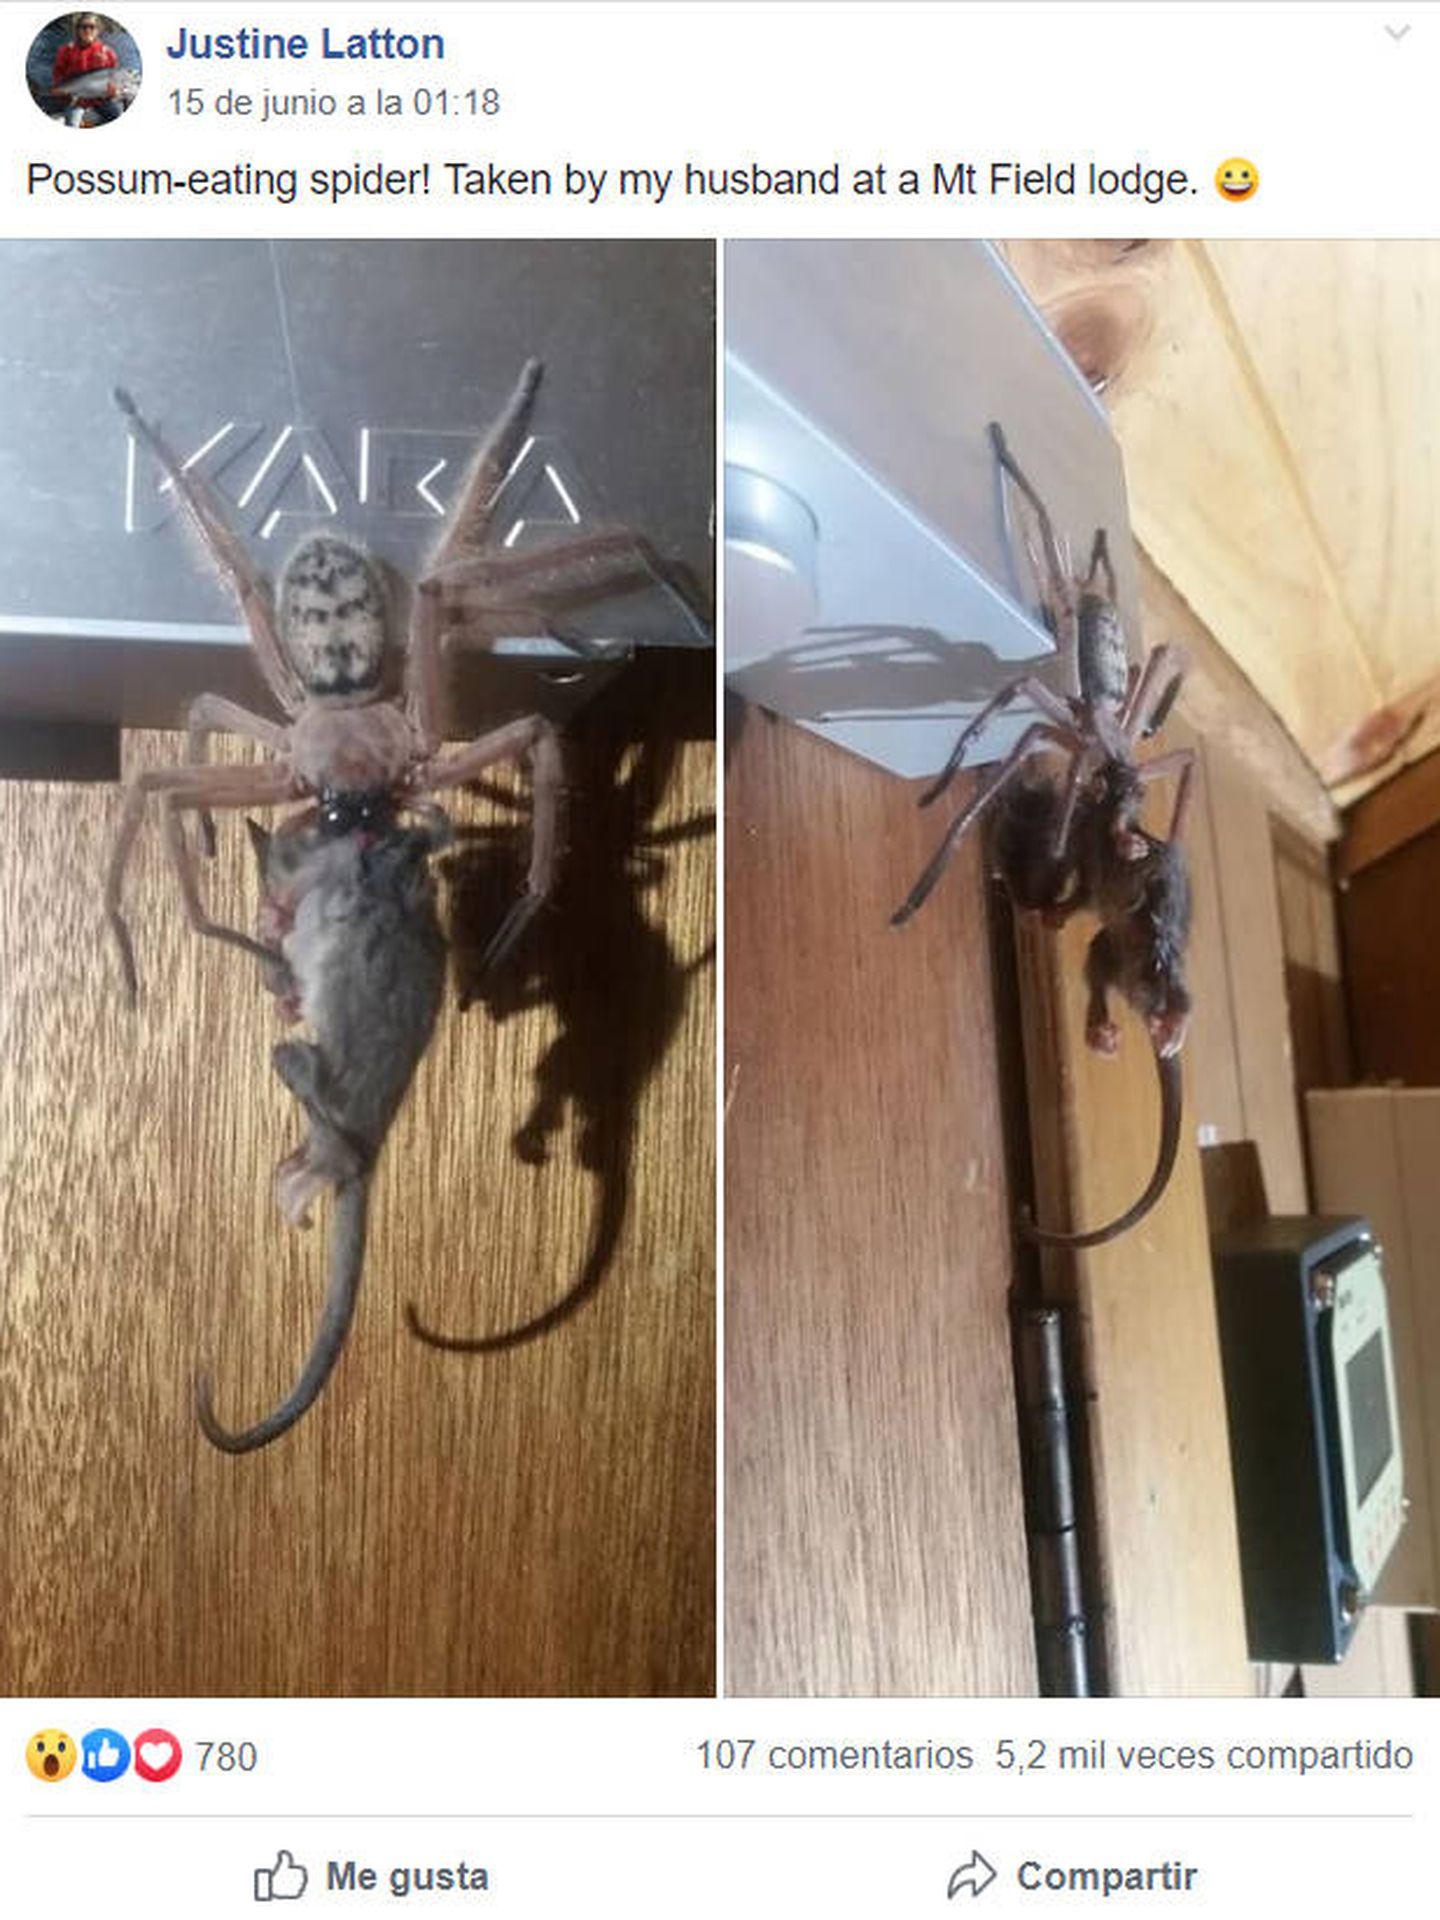 Justine Latton compartió las fotos en Facebook con un grupo australiano de insectos y arañas